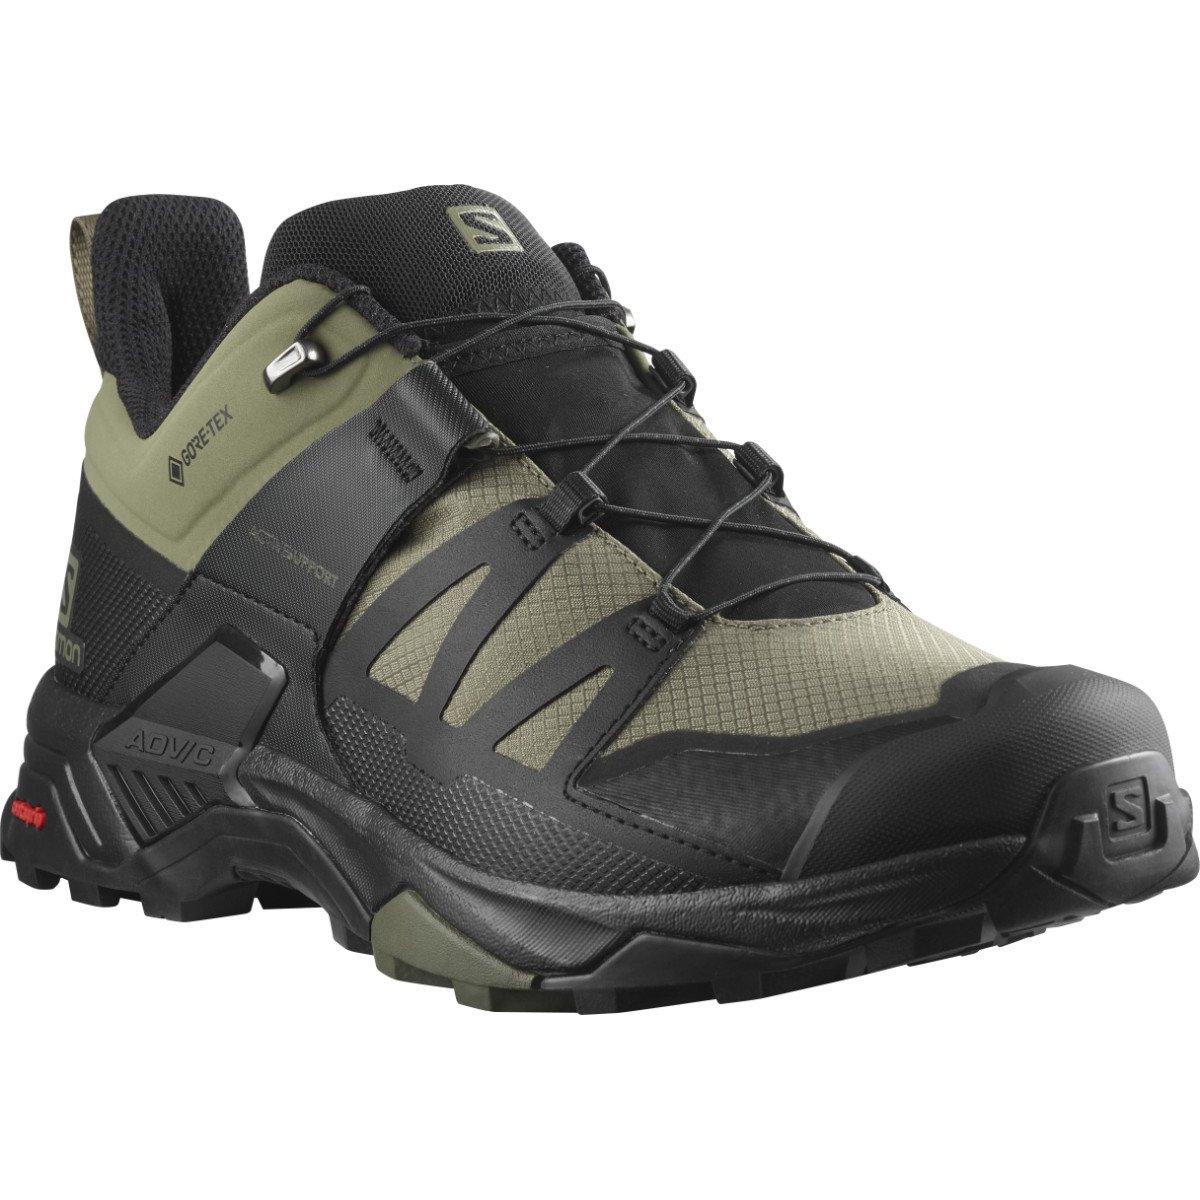 X Ultra 4 GTX Shoe Wide Deep Lichen - Men's